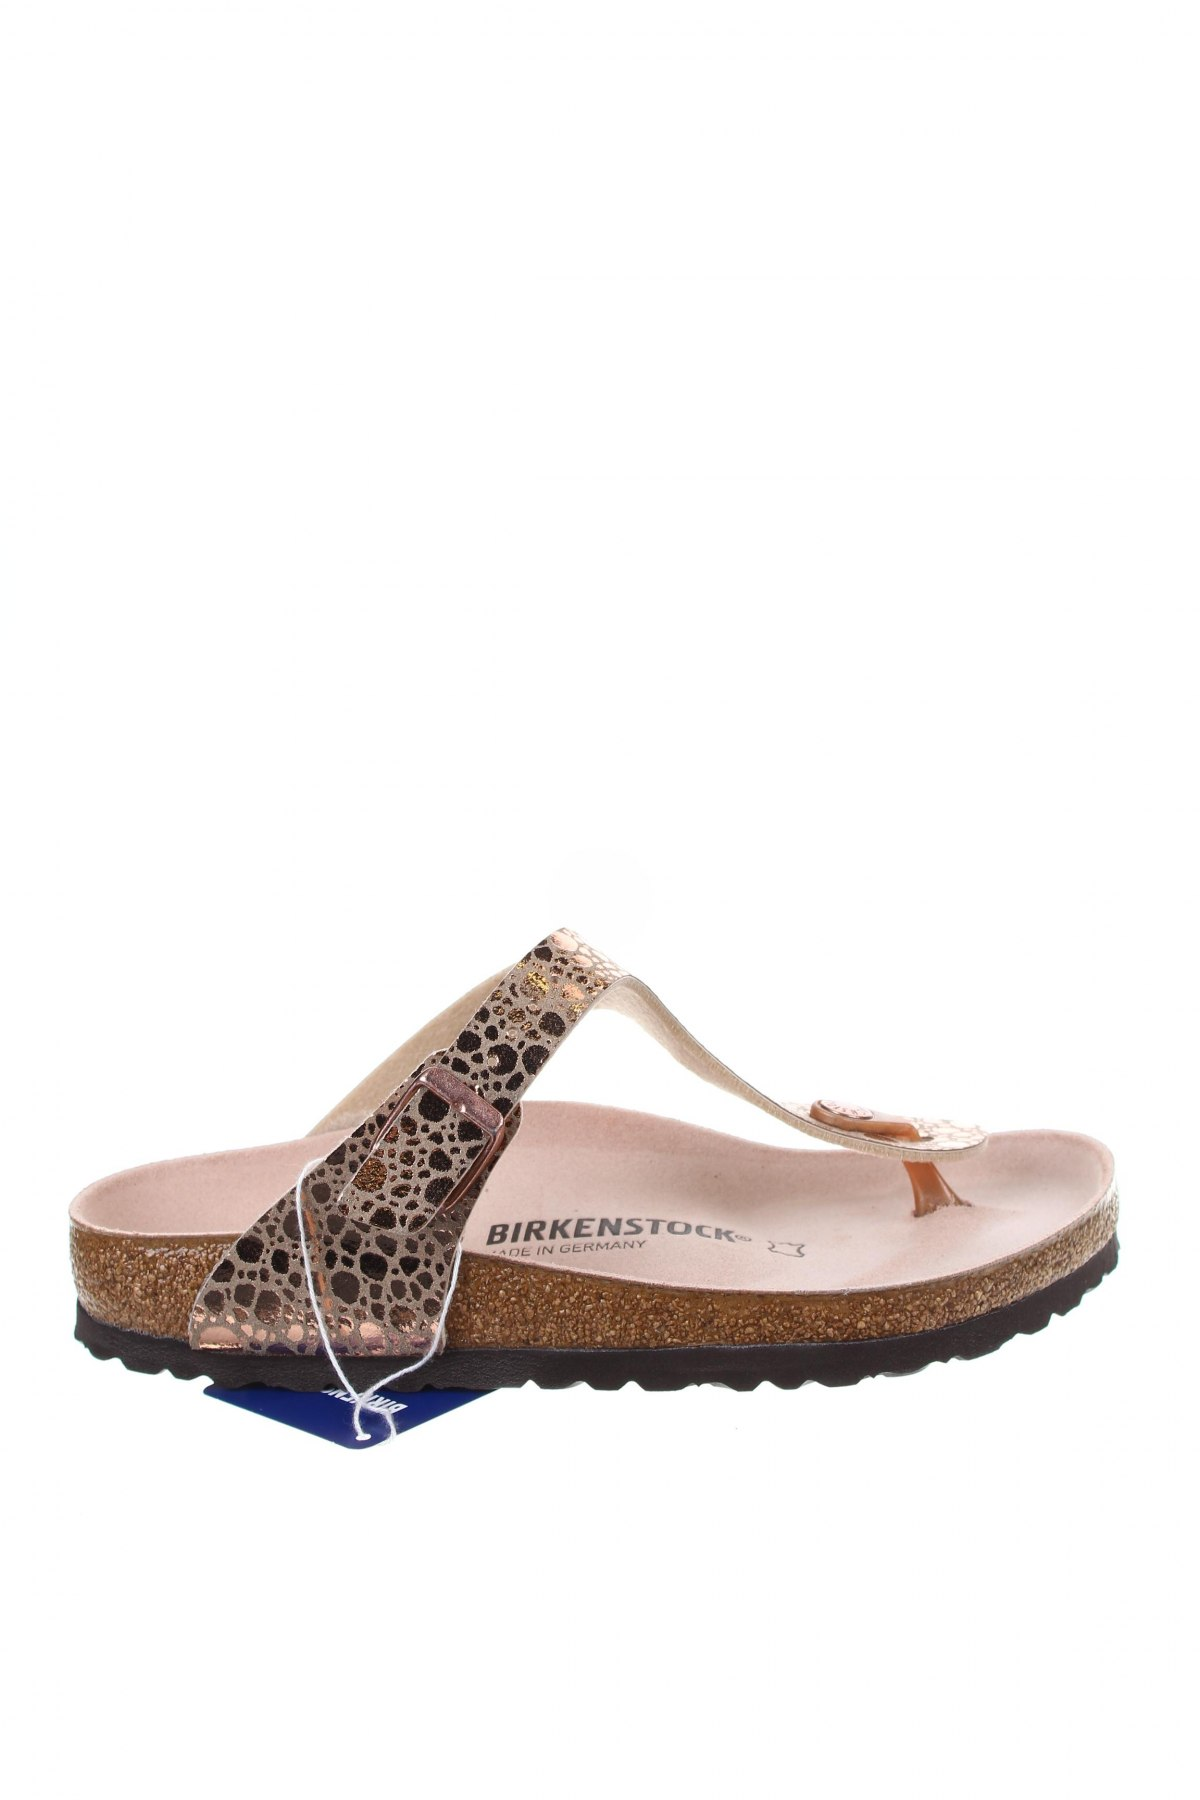 Γυναικείες παντόφλες Birkenstock, Μέγεθος 37, Χρώμα Χρυσαφί, Δερματίνη, Τιμή 35,58€